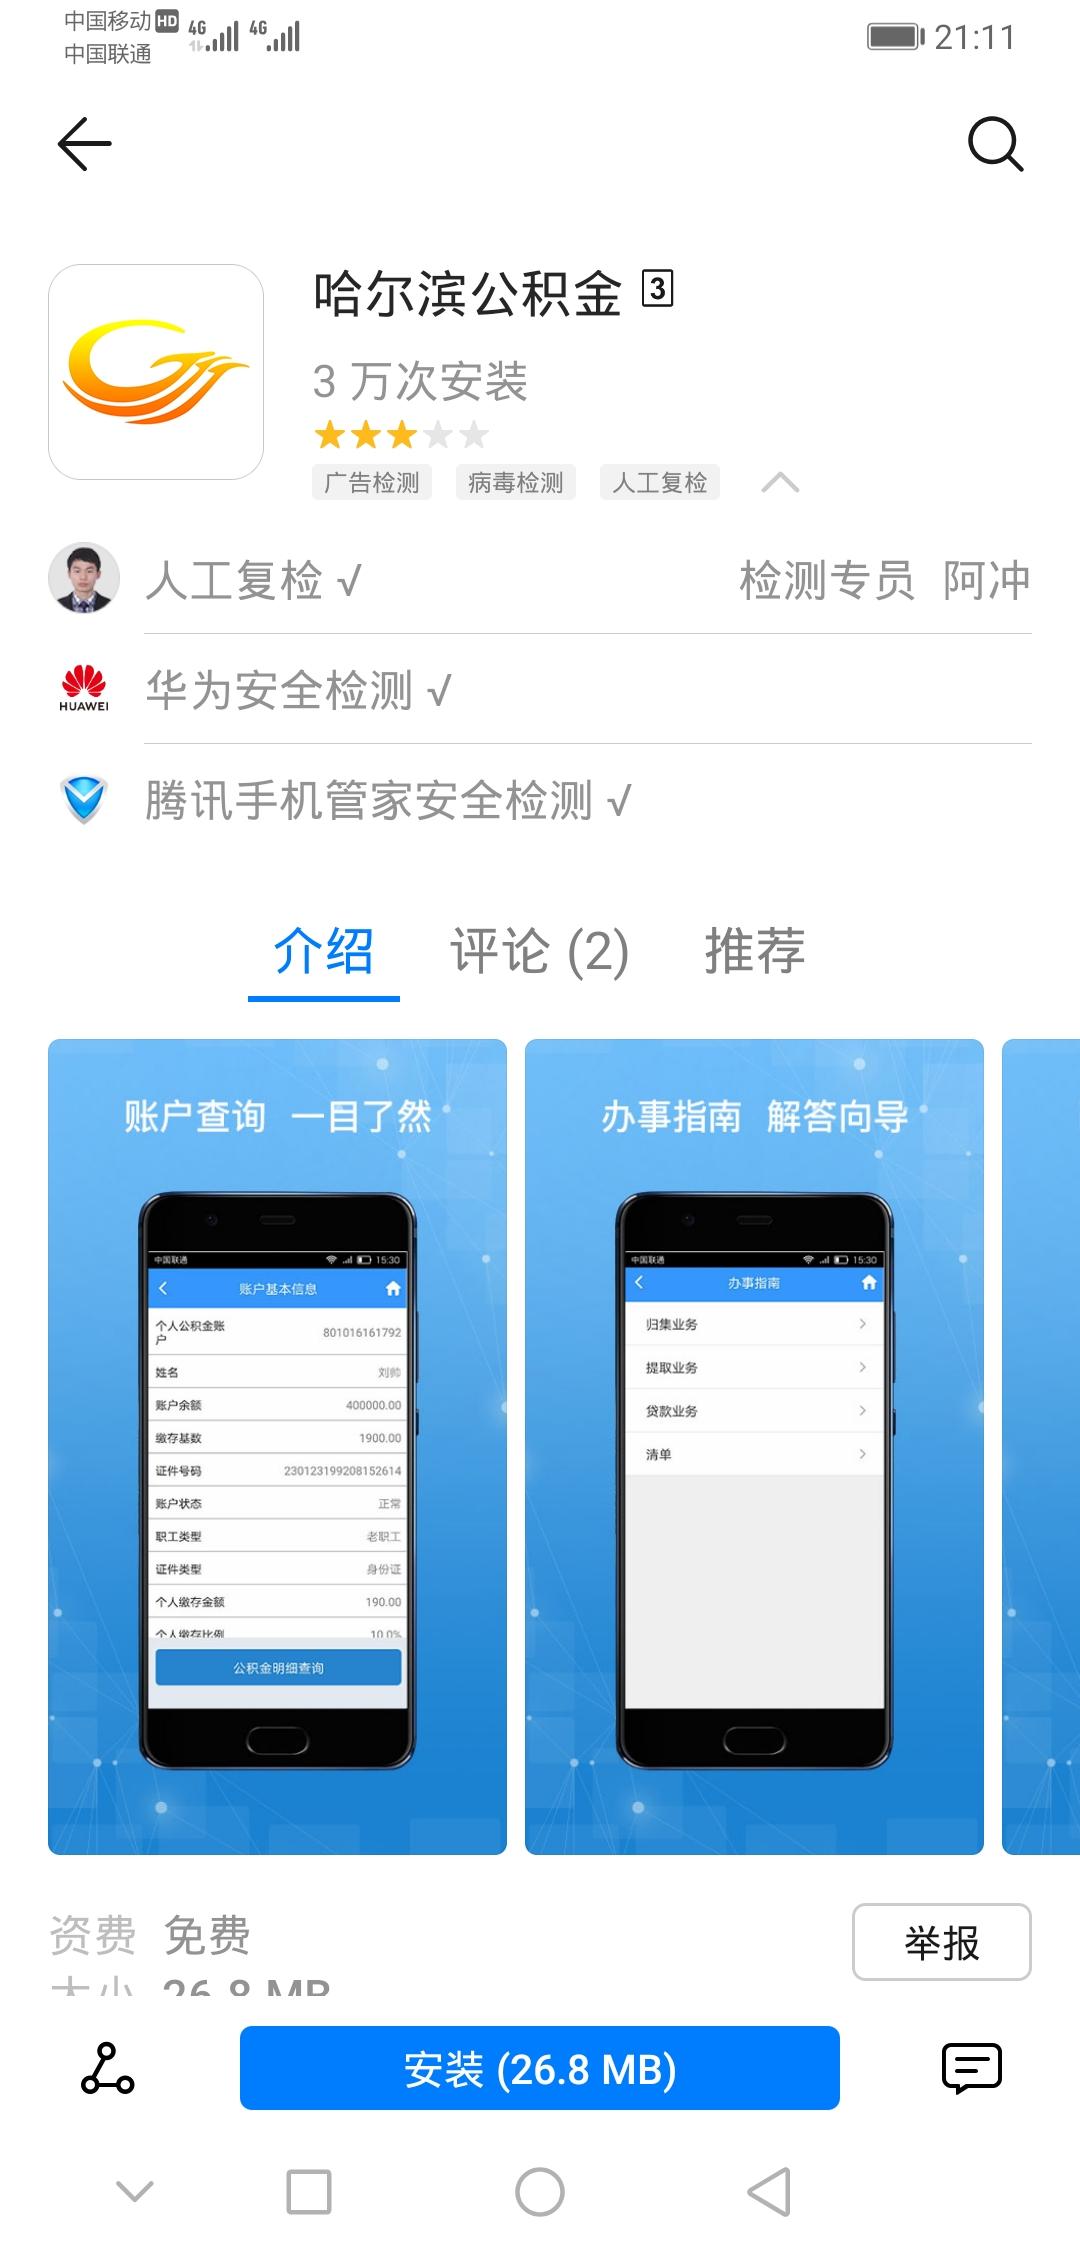 Screenshot_20181102_211143_com.huawei.appmarket.jpg